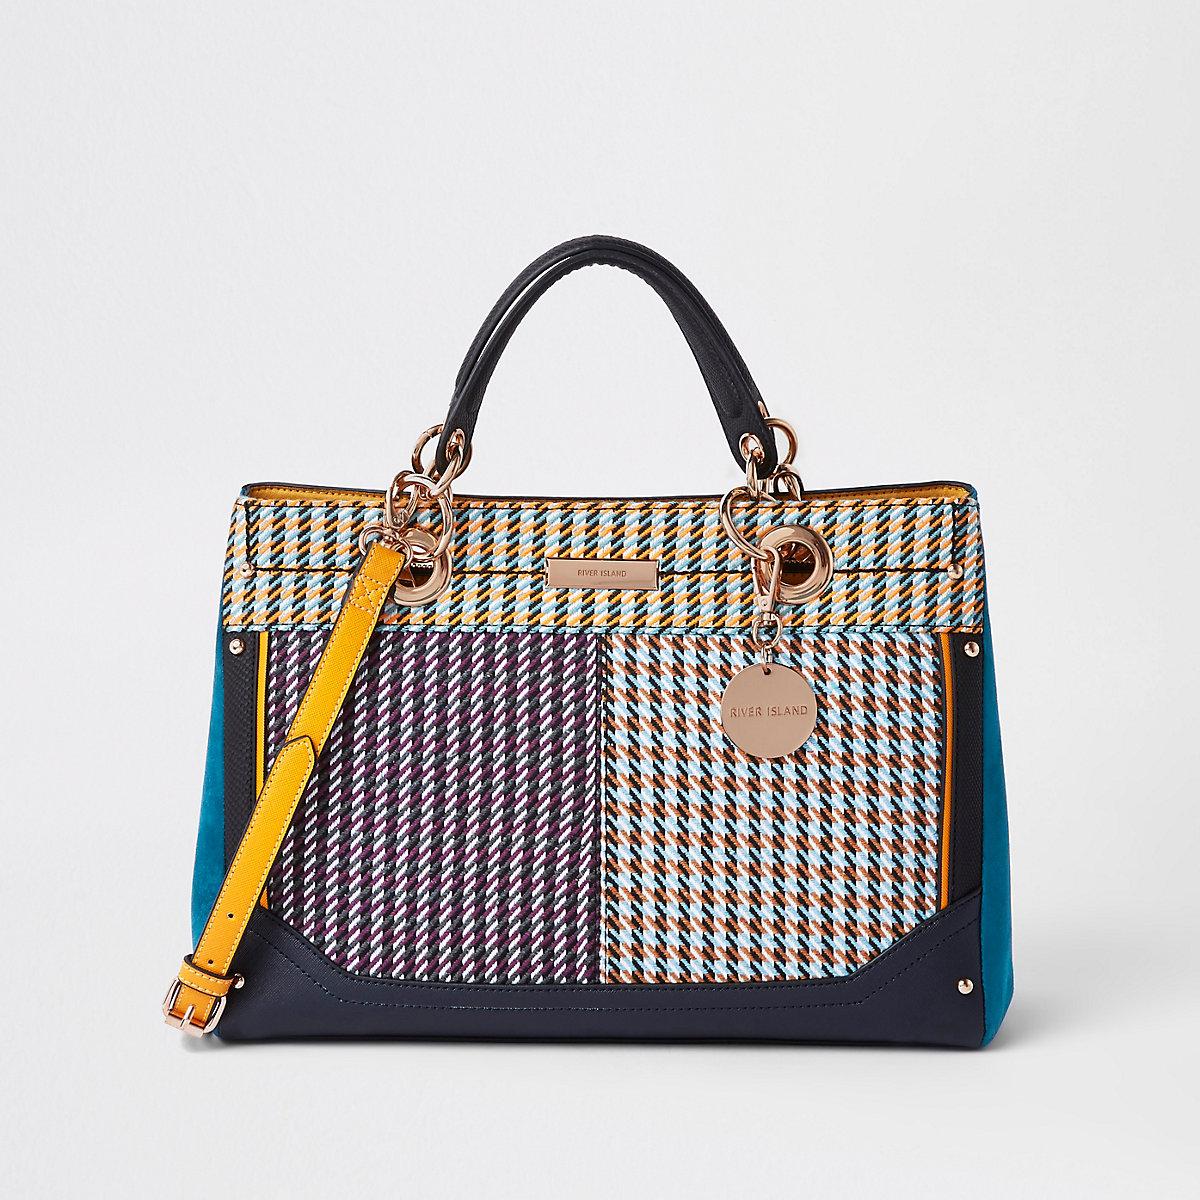 Purple check tote bag - Shopper   Tote Bags - Bags   Purses - women 3b89f1749b783